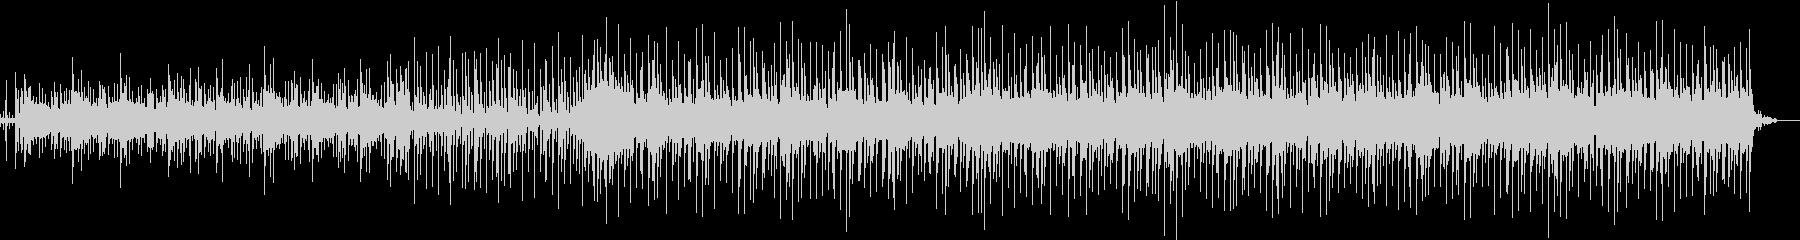 パーカッション多めの壮大なシンセ曲の未再生の波形